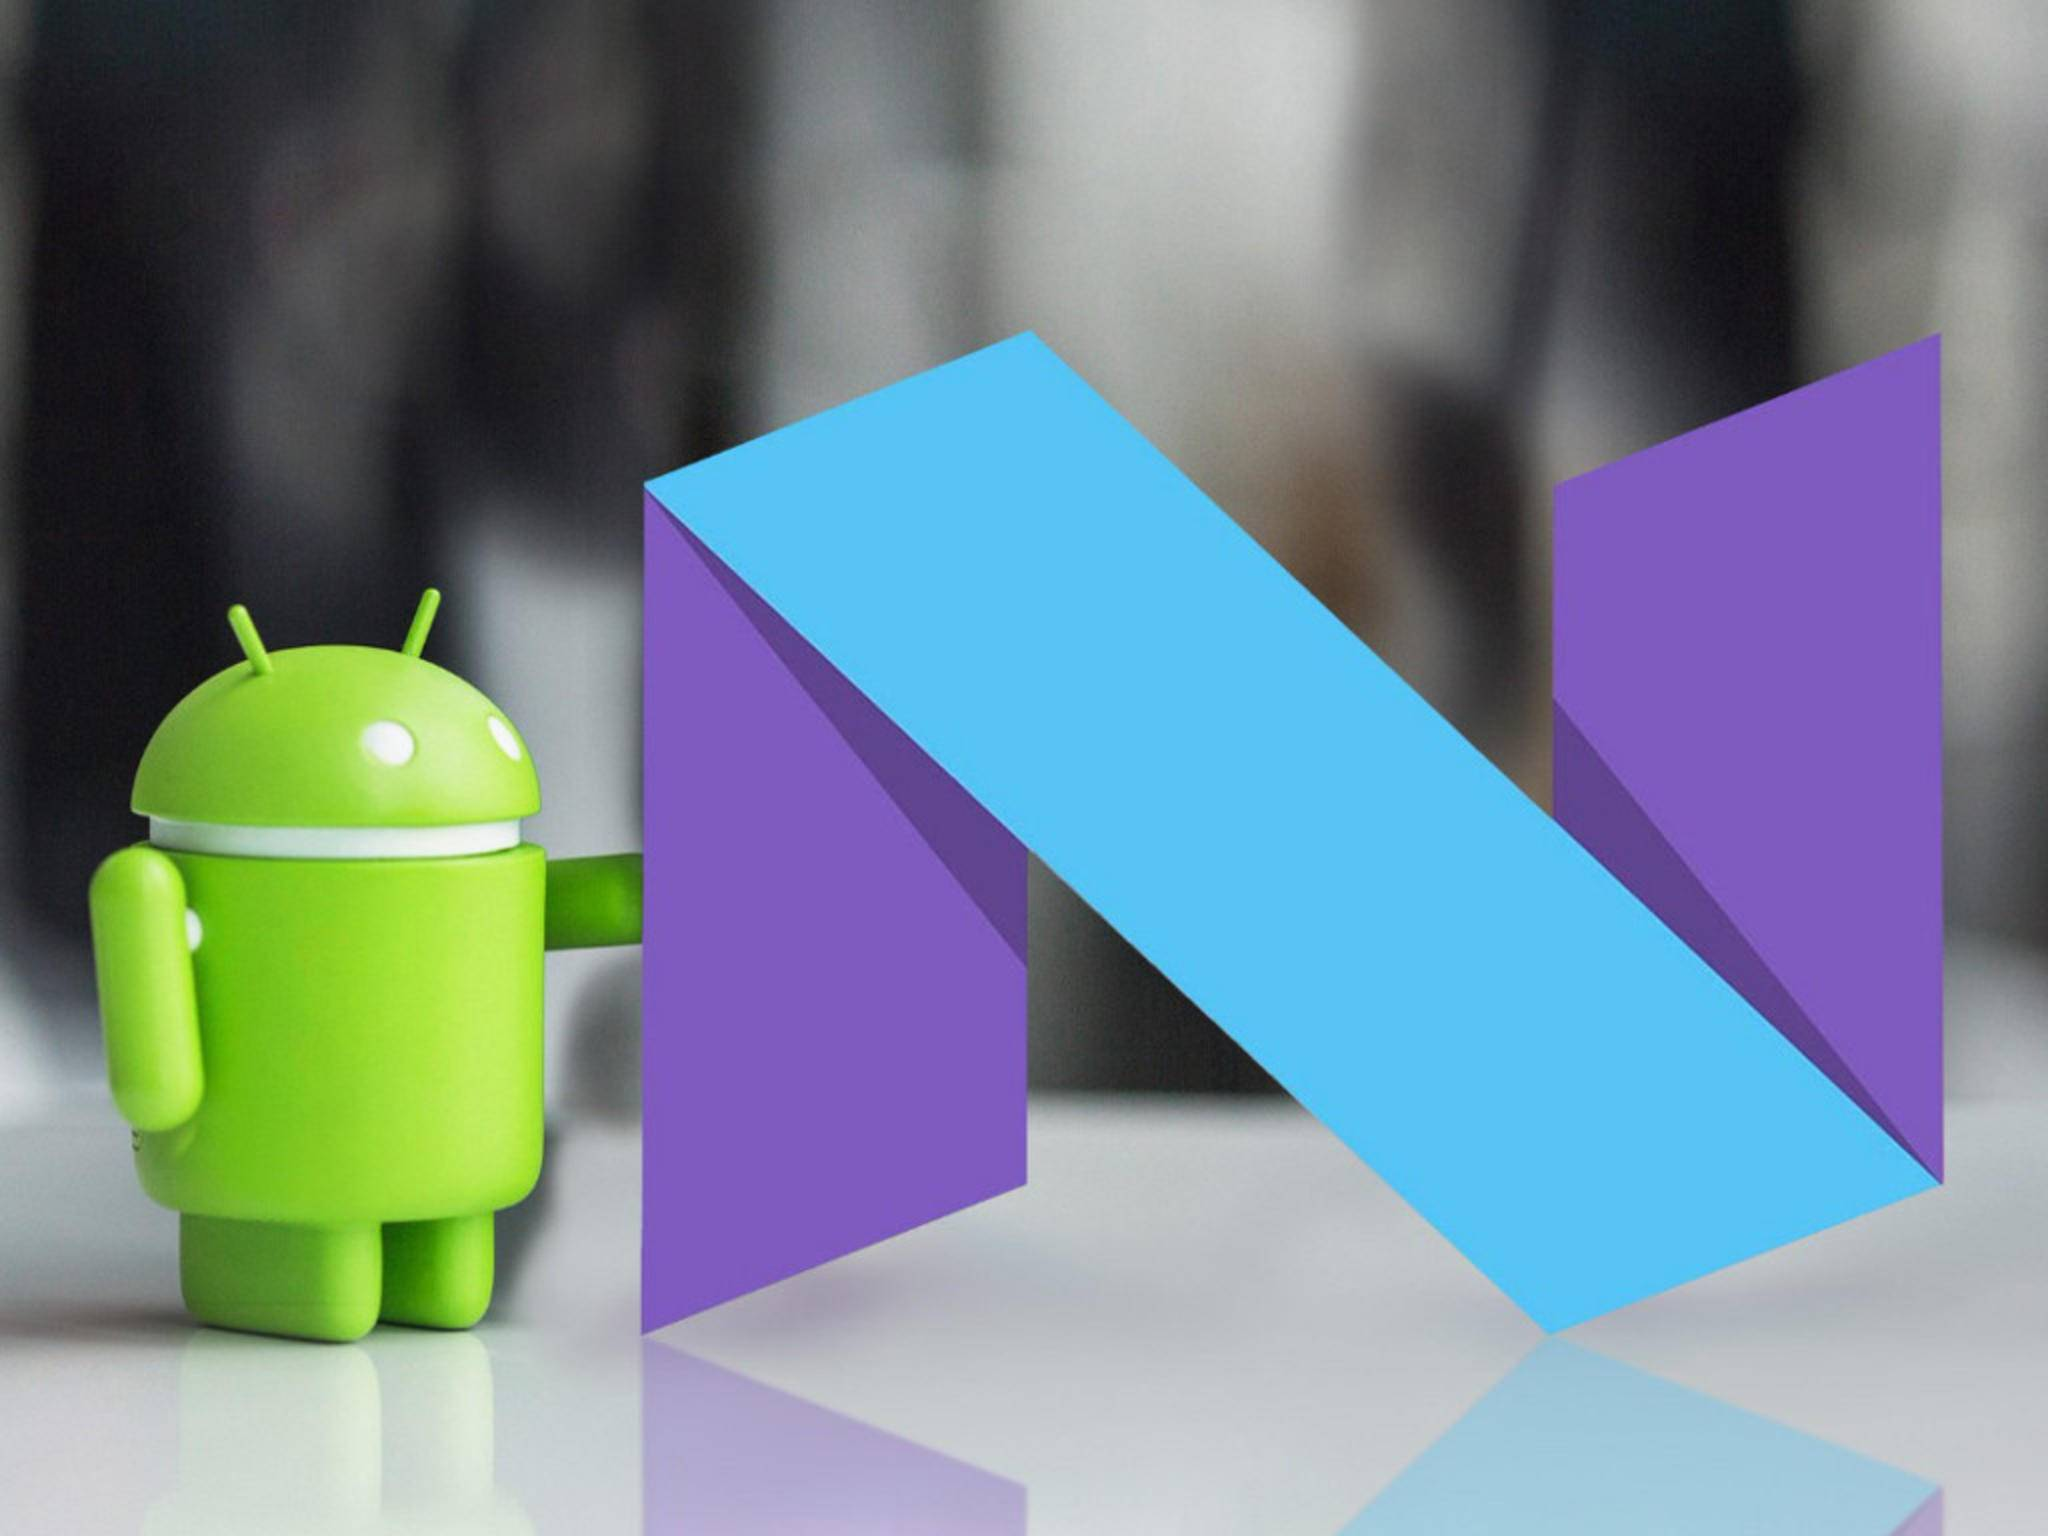 Auch unter Android 7.0 Nougat gibt es noch einige Bugs.